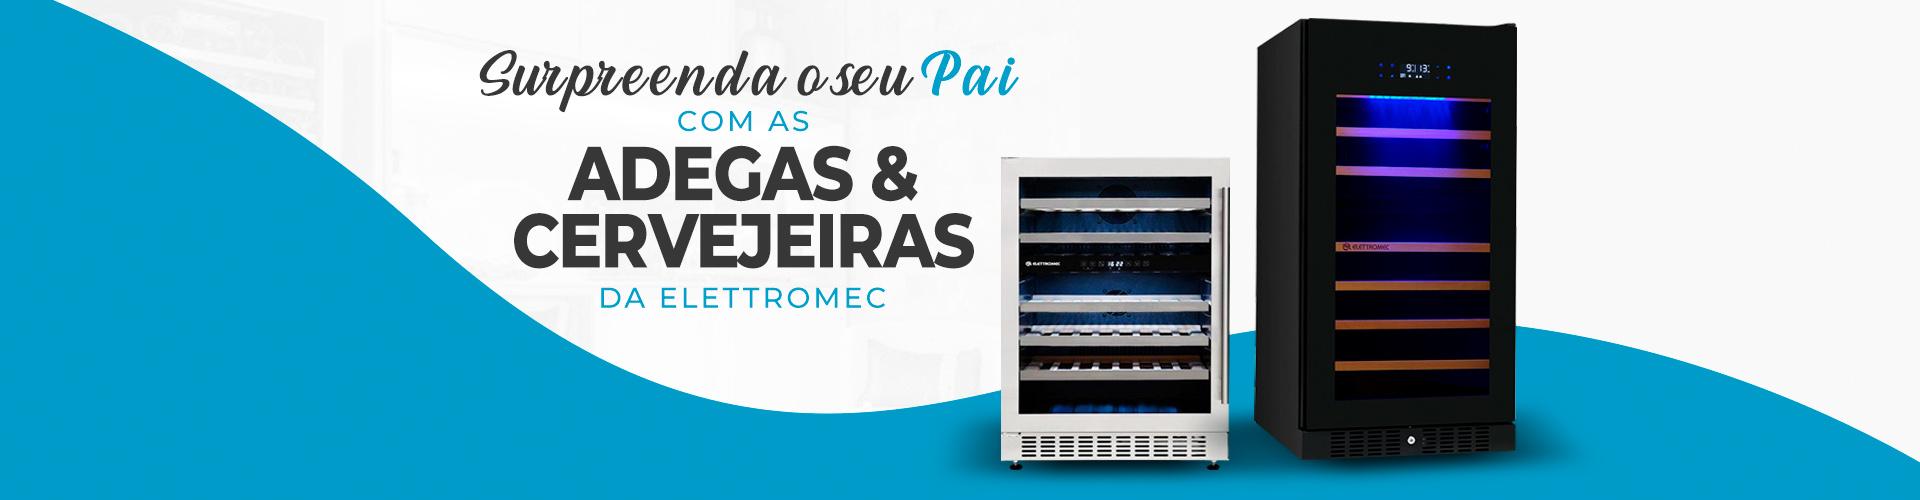 Banner Adegas elettromec